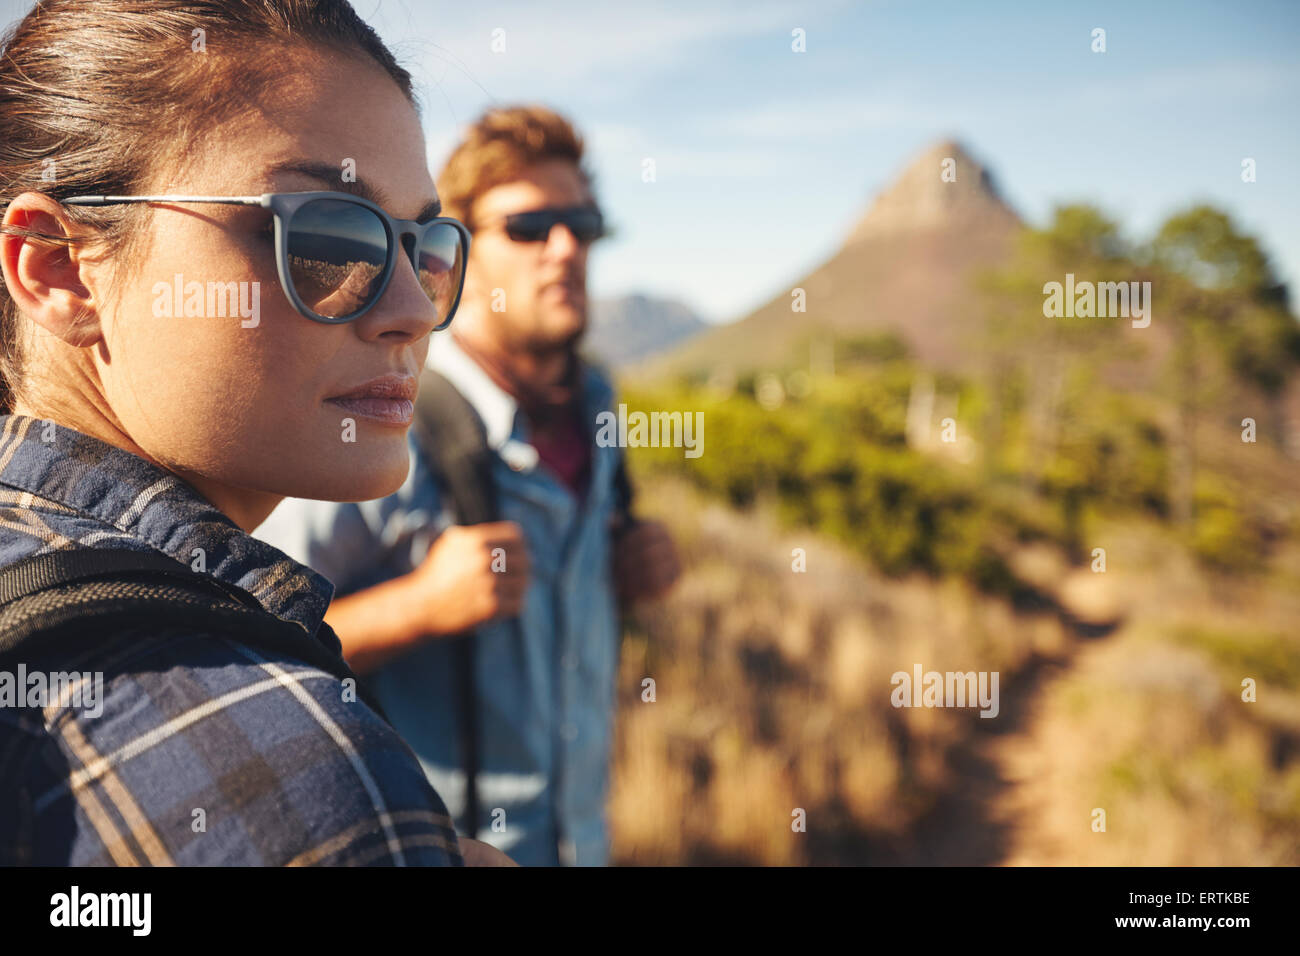 Chiudere l immagine della giovane donna che indossa gli occhiali da sole che guarda lontano con il giovane uomo Immagini Stock